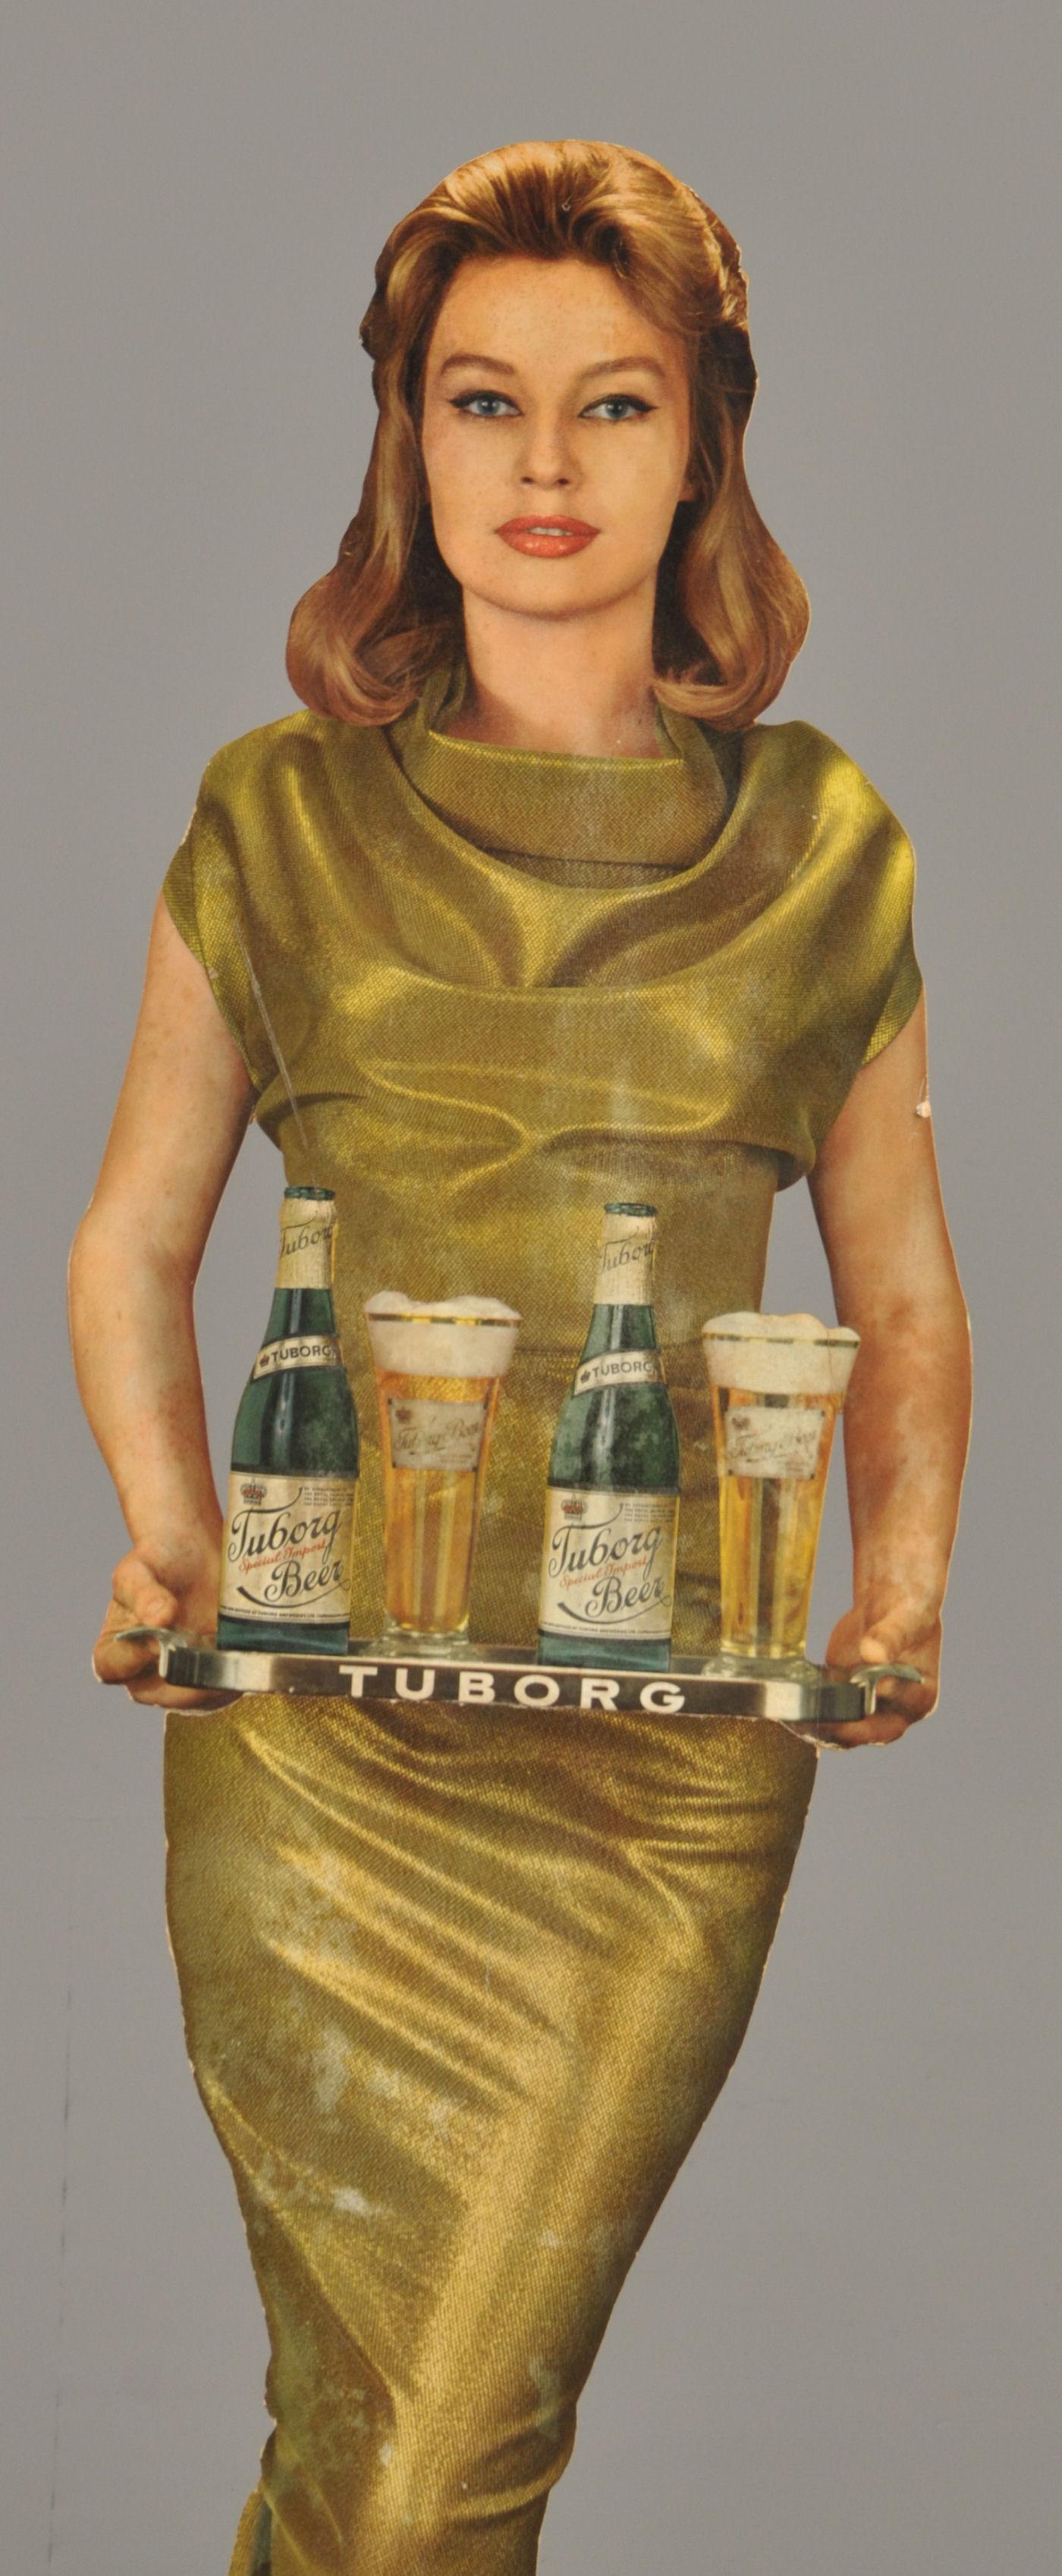 Guld Tuborg reklame med Annette Strøyberg. |